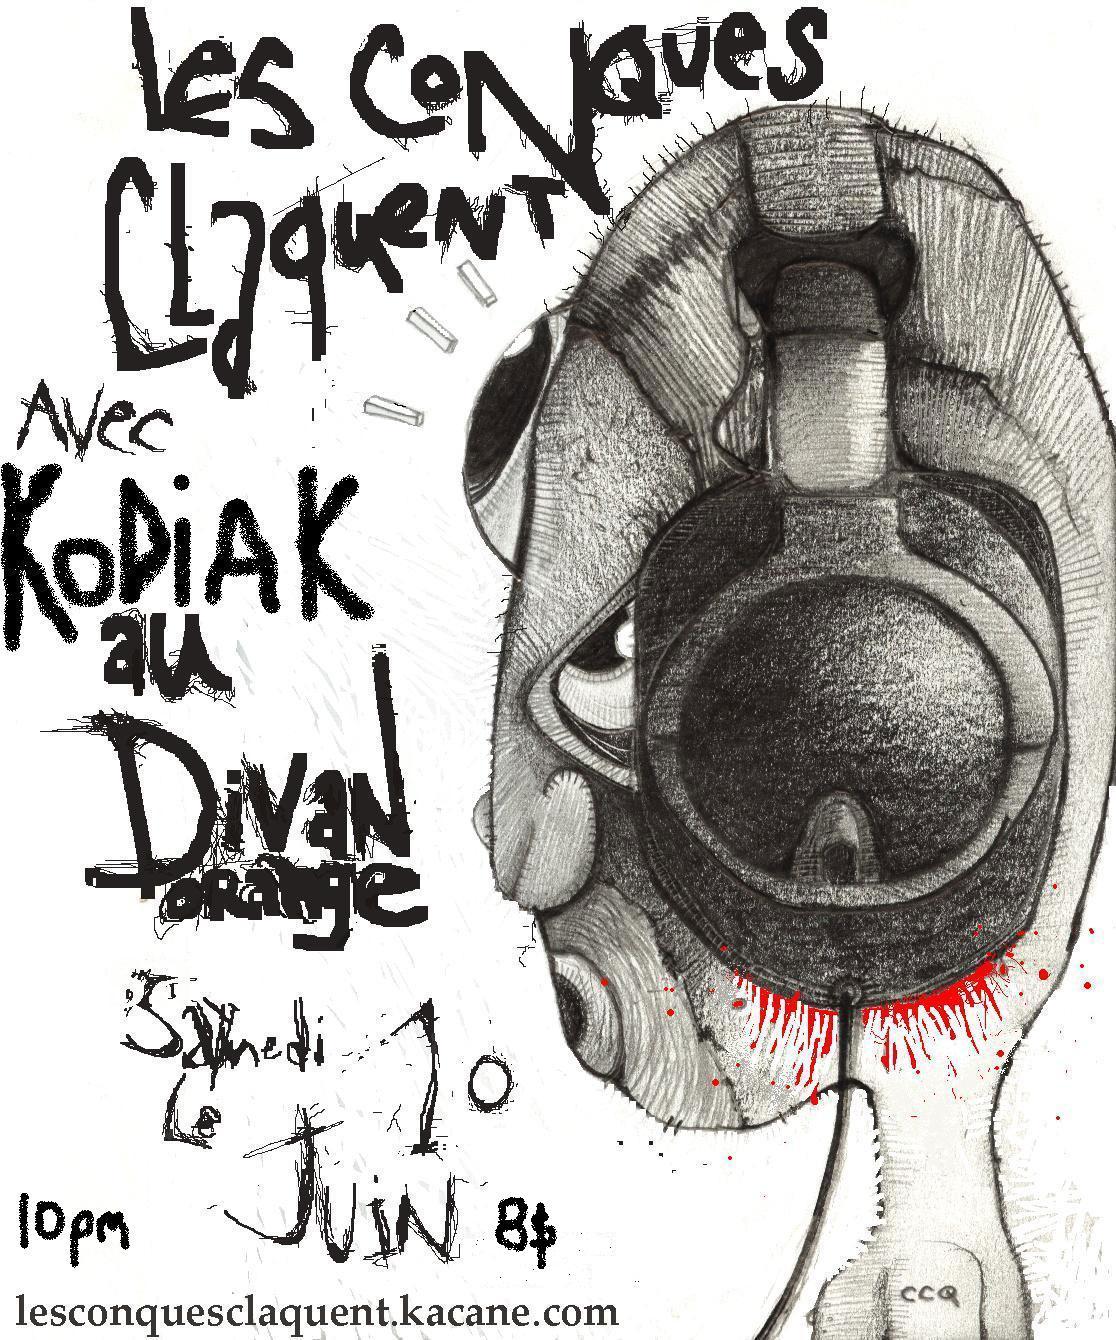 CCQ KodiaK divan 10 juin  des Conques Claquent